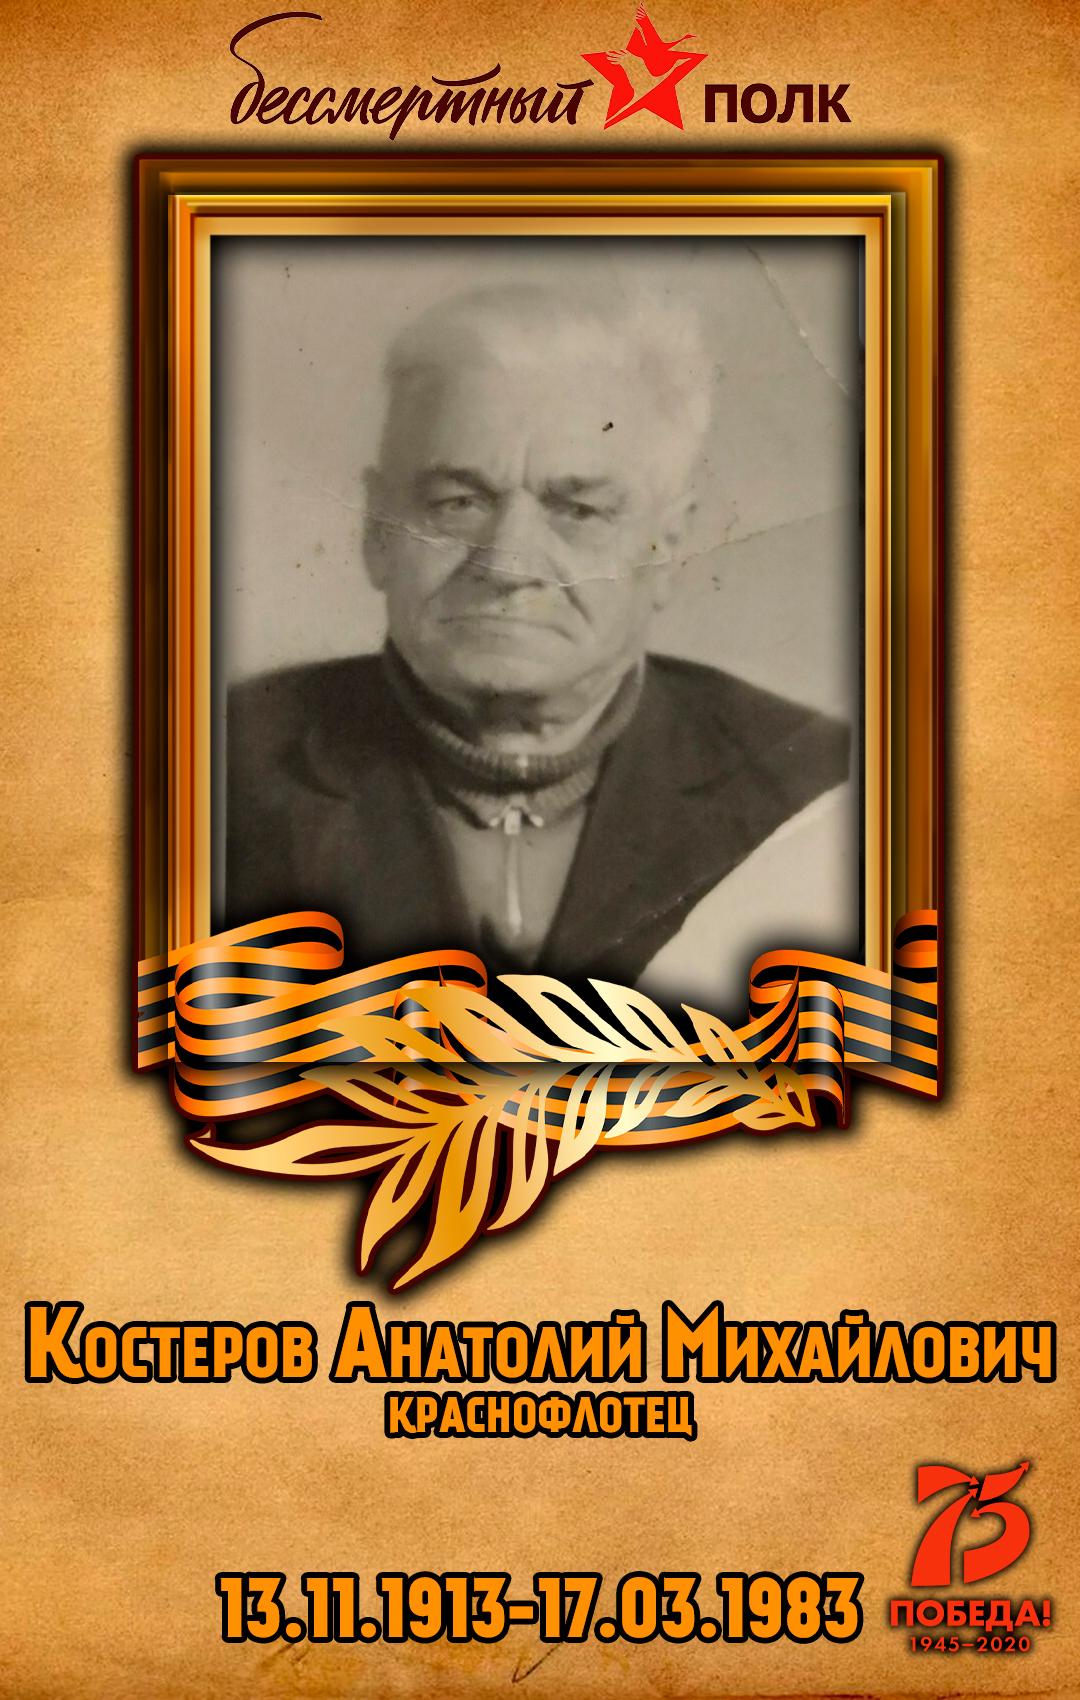 Костеров-Анатолий-Михайлович